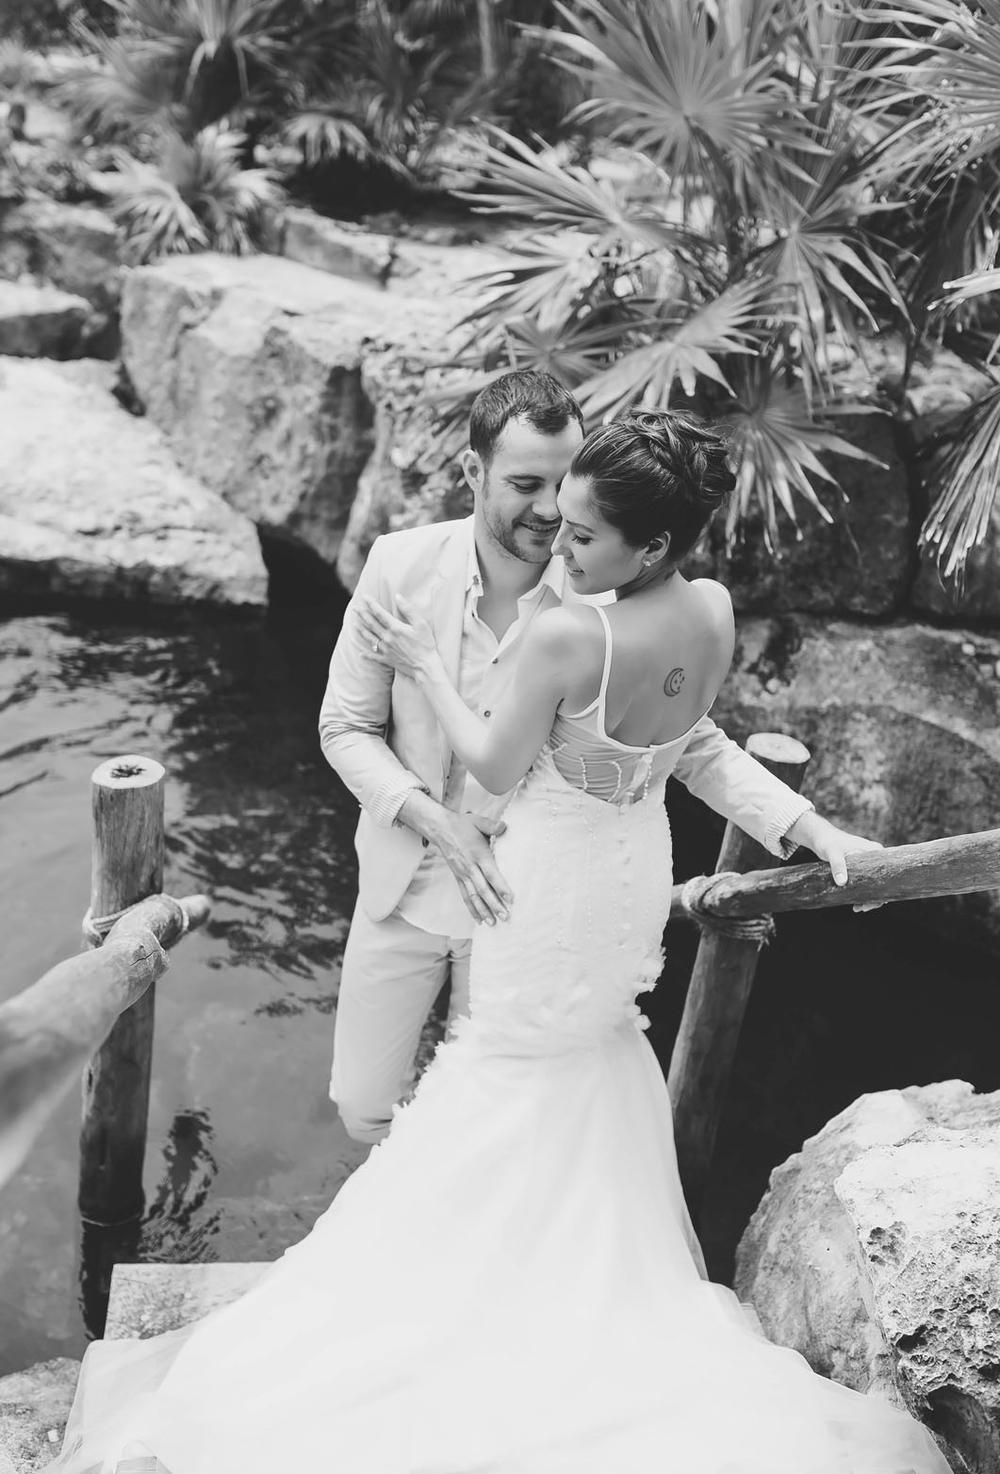 favorite 2014 wedding photos, jennifer picard photography, sunshine coast bc wedding photographer